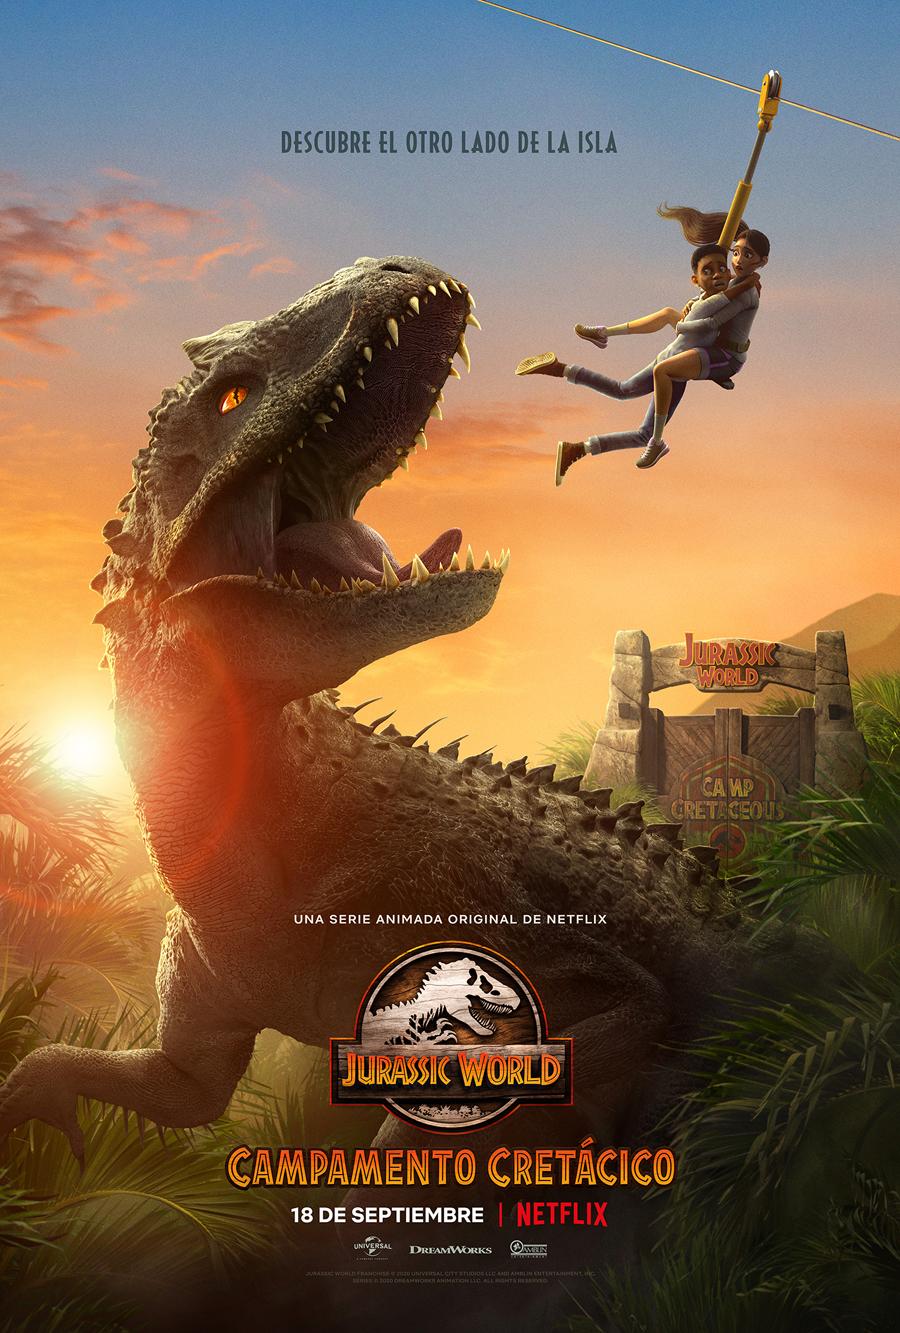 Campamento-Cretacico-Cinema-Gizmo